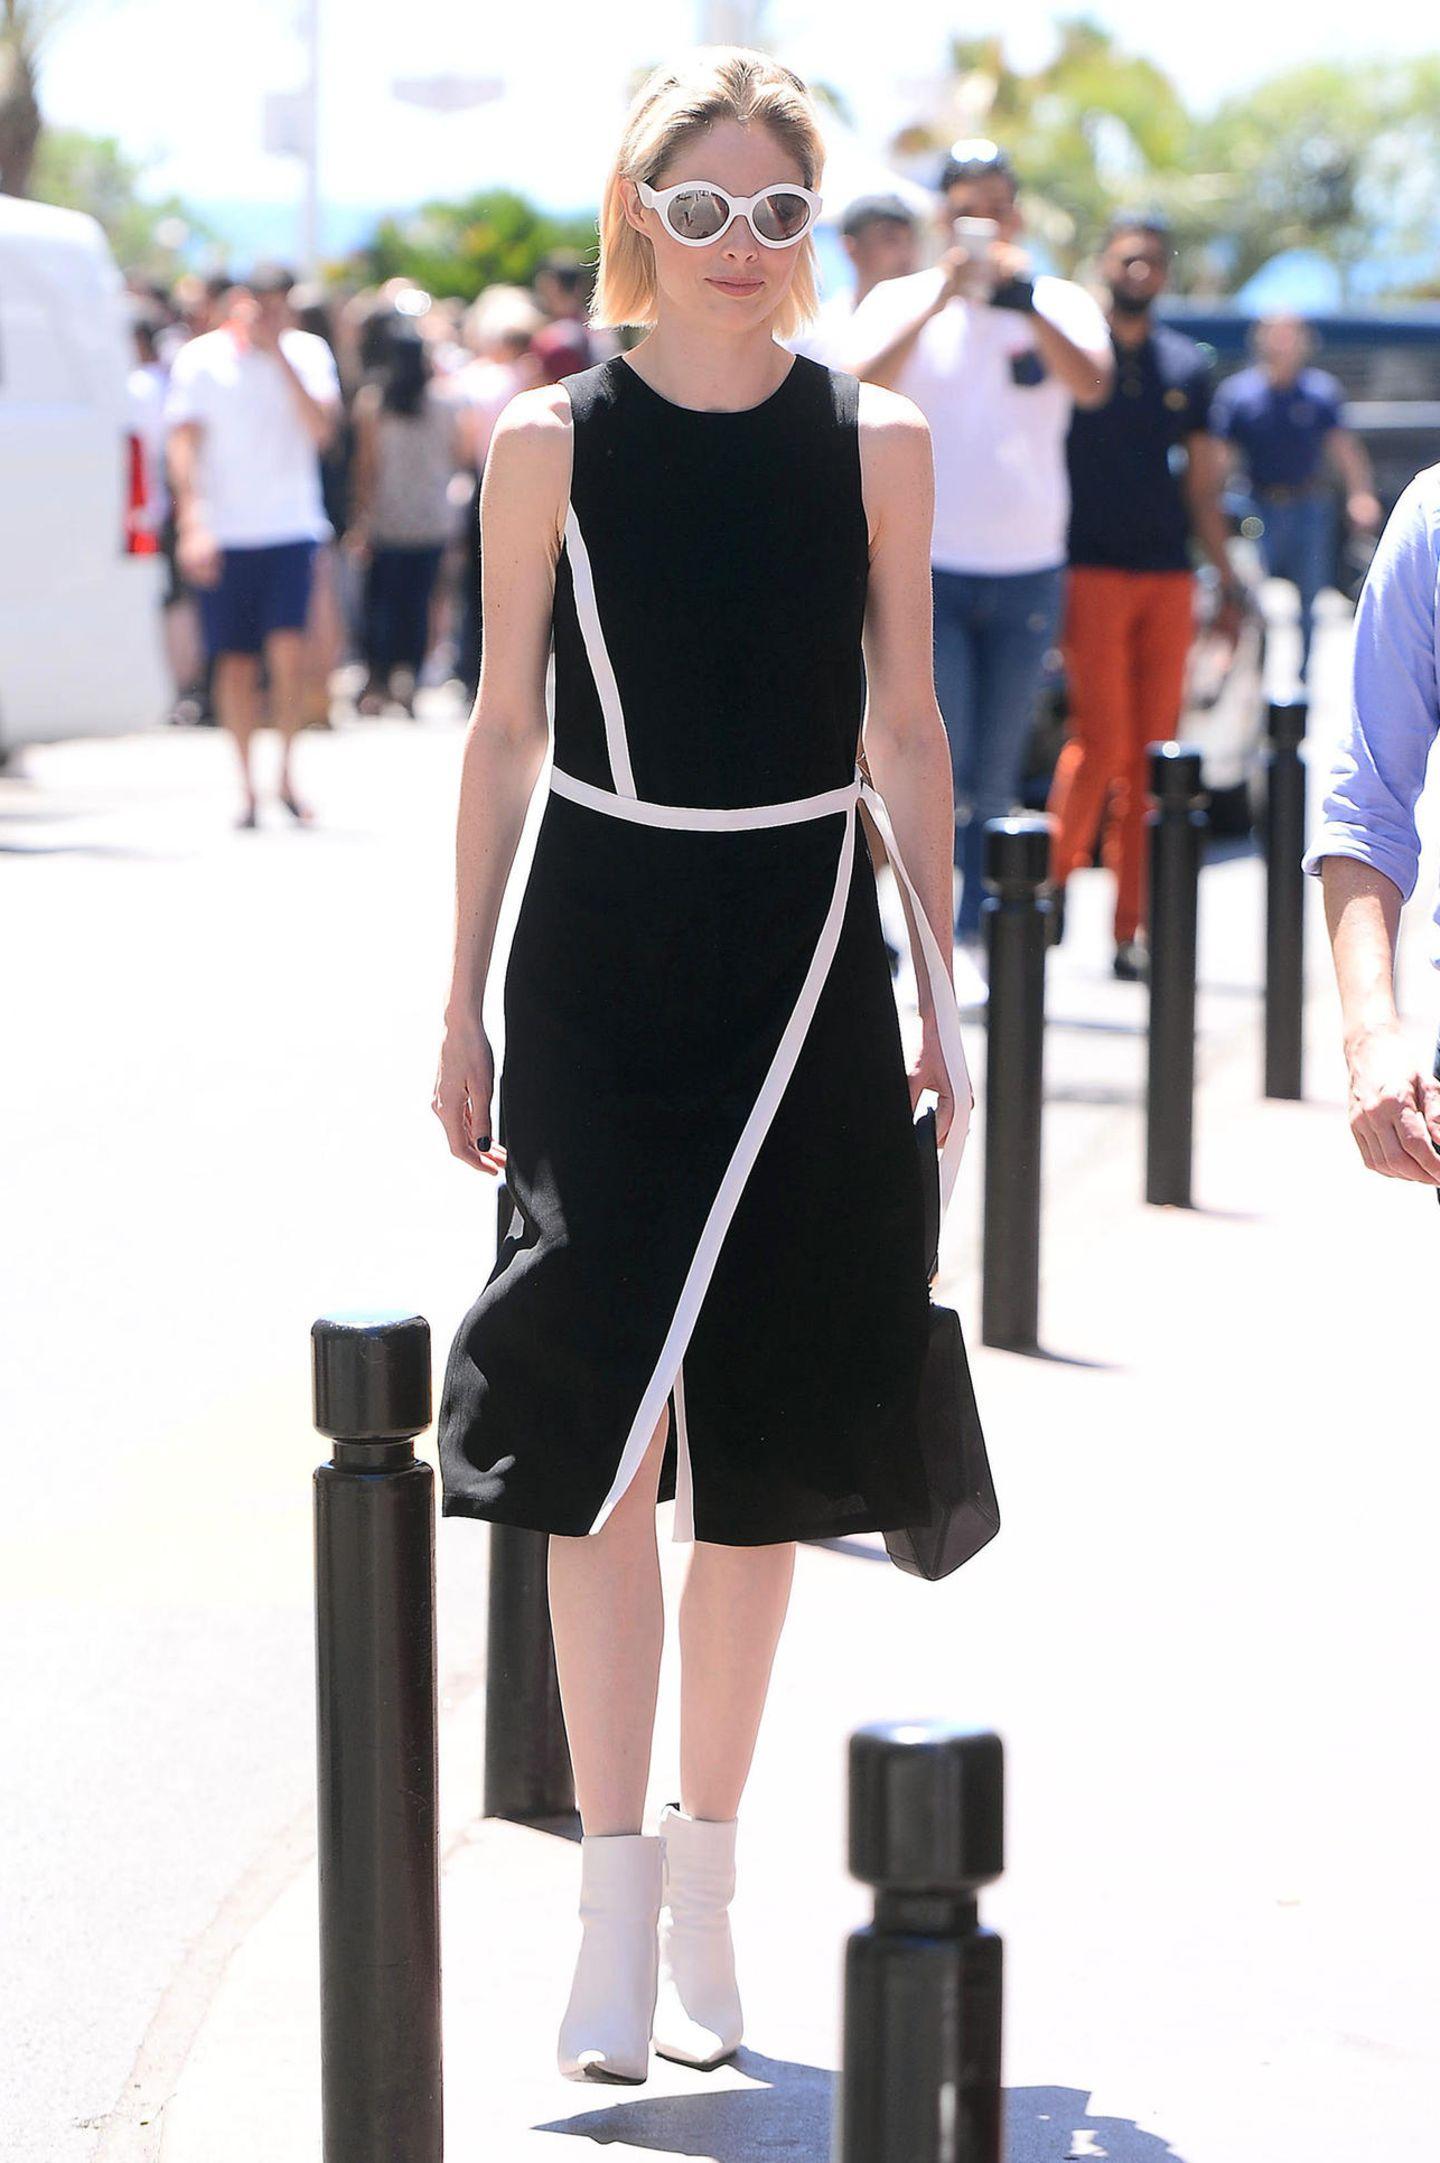 Sportlich-schick in Schwarz-Weiß läuft Topmodel Coco Rocha durch die sonnigen Straßen von Cannes.